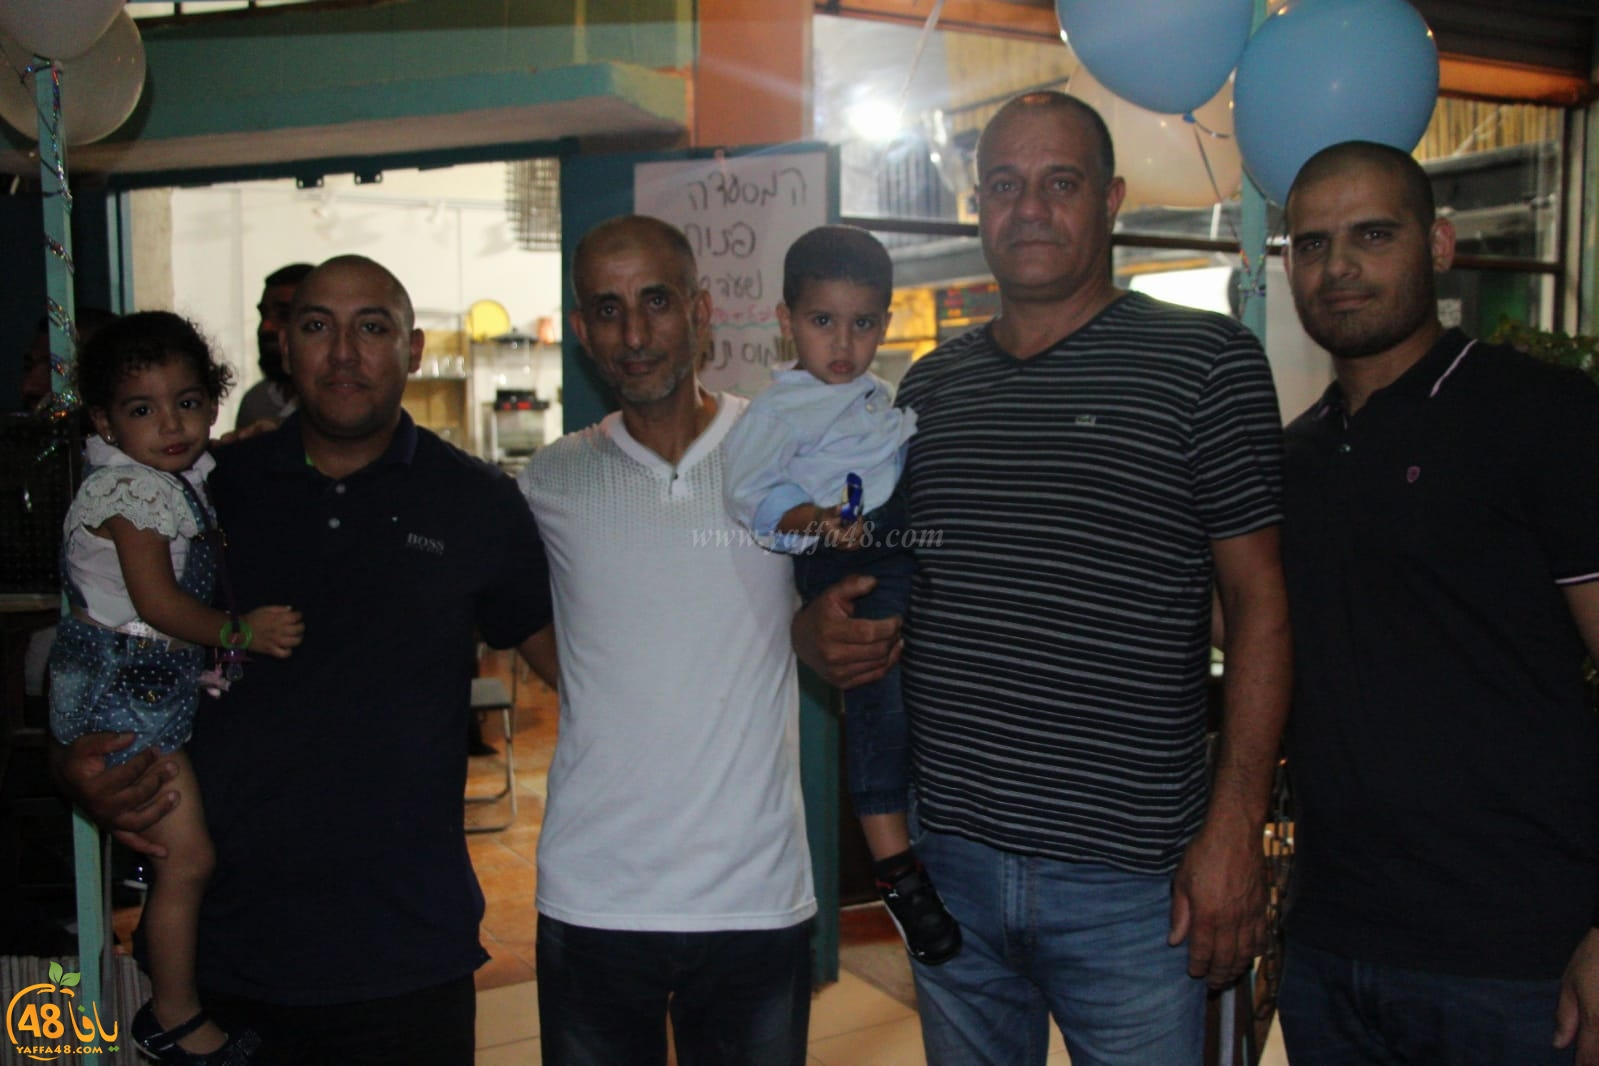 صور: افتتاح مطعم أبو مصطفى للمأكولات الشعبية في يافا